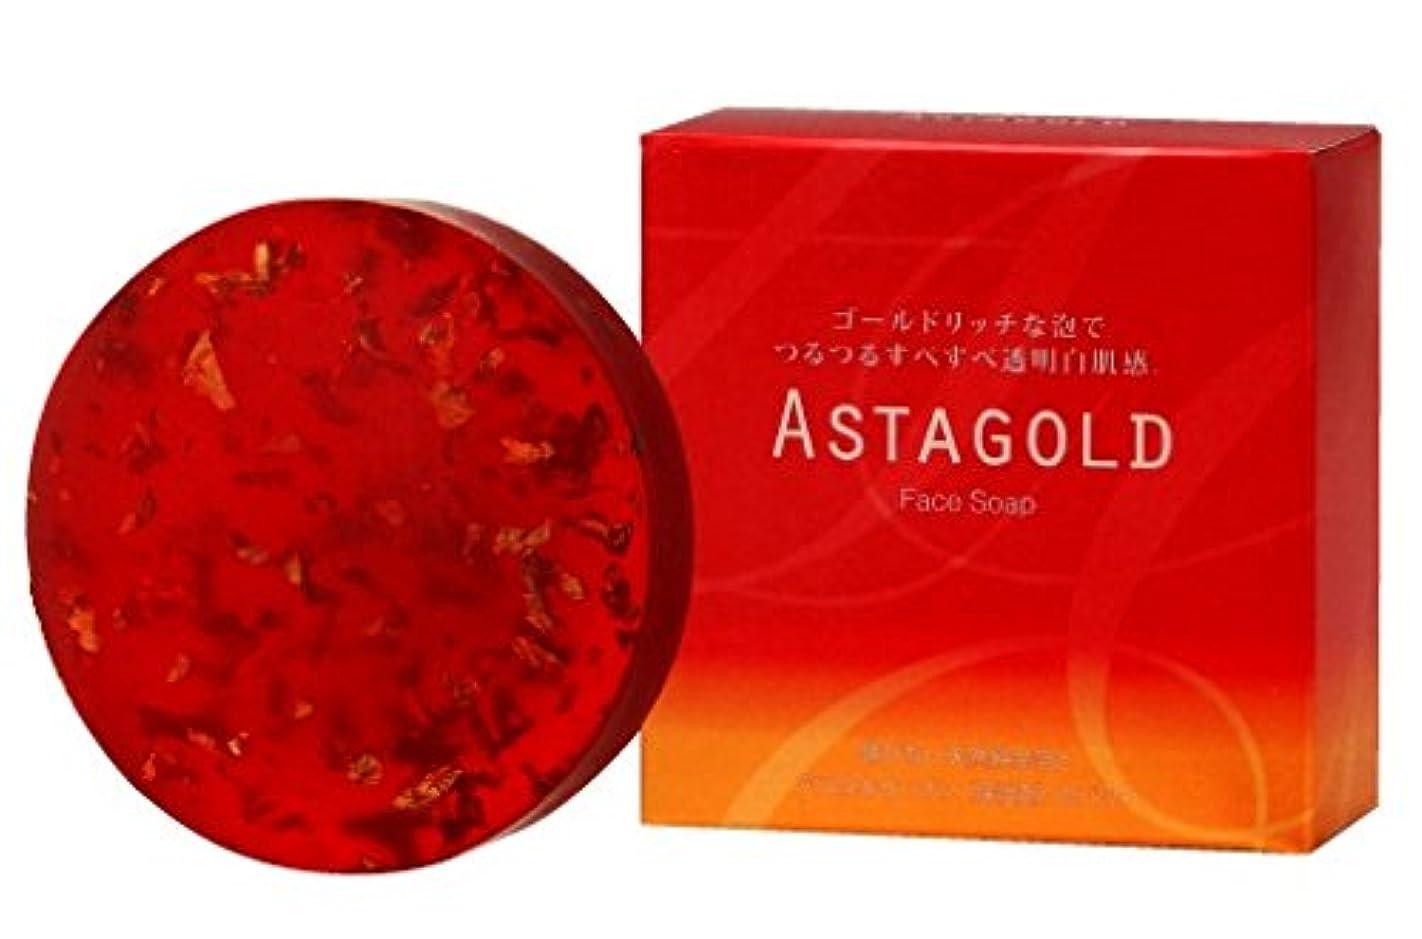 雑多なアクセル精神的にASTAGOLD アスタゴールド フェイスソープ 100g 洗顔せっけん 【 アスタキサンチン 金箔 】